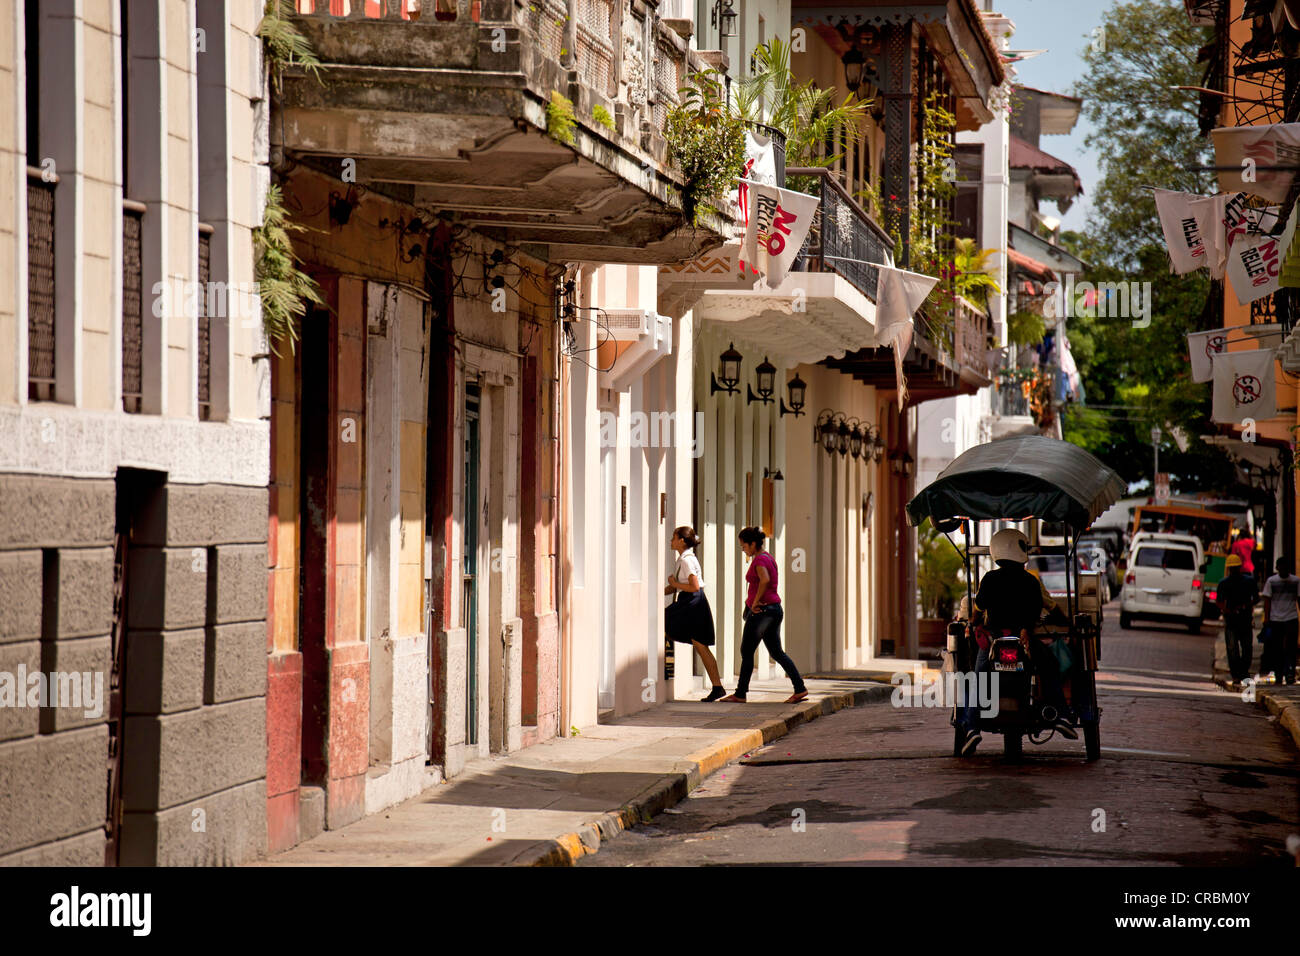 Street nella città vecchia, Casco Viejo, Panama City, Panama America Centrale Immagini Stock